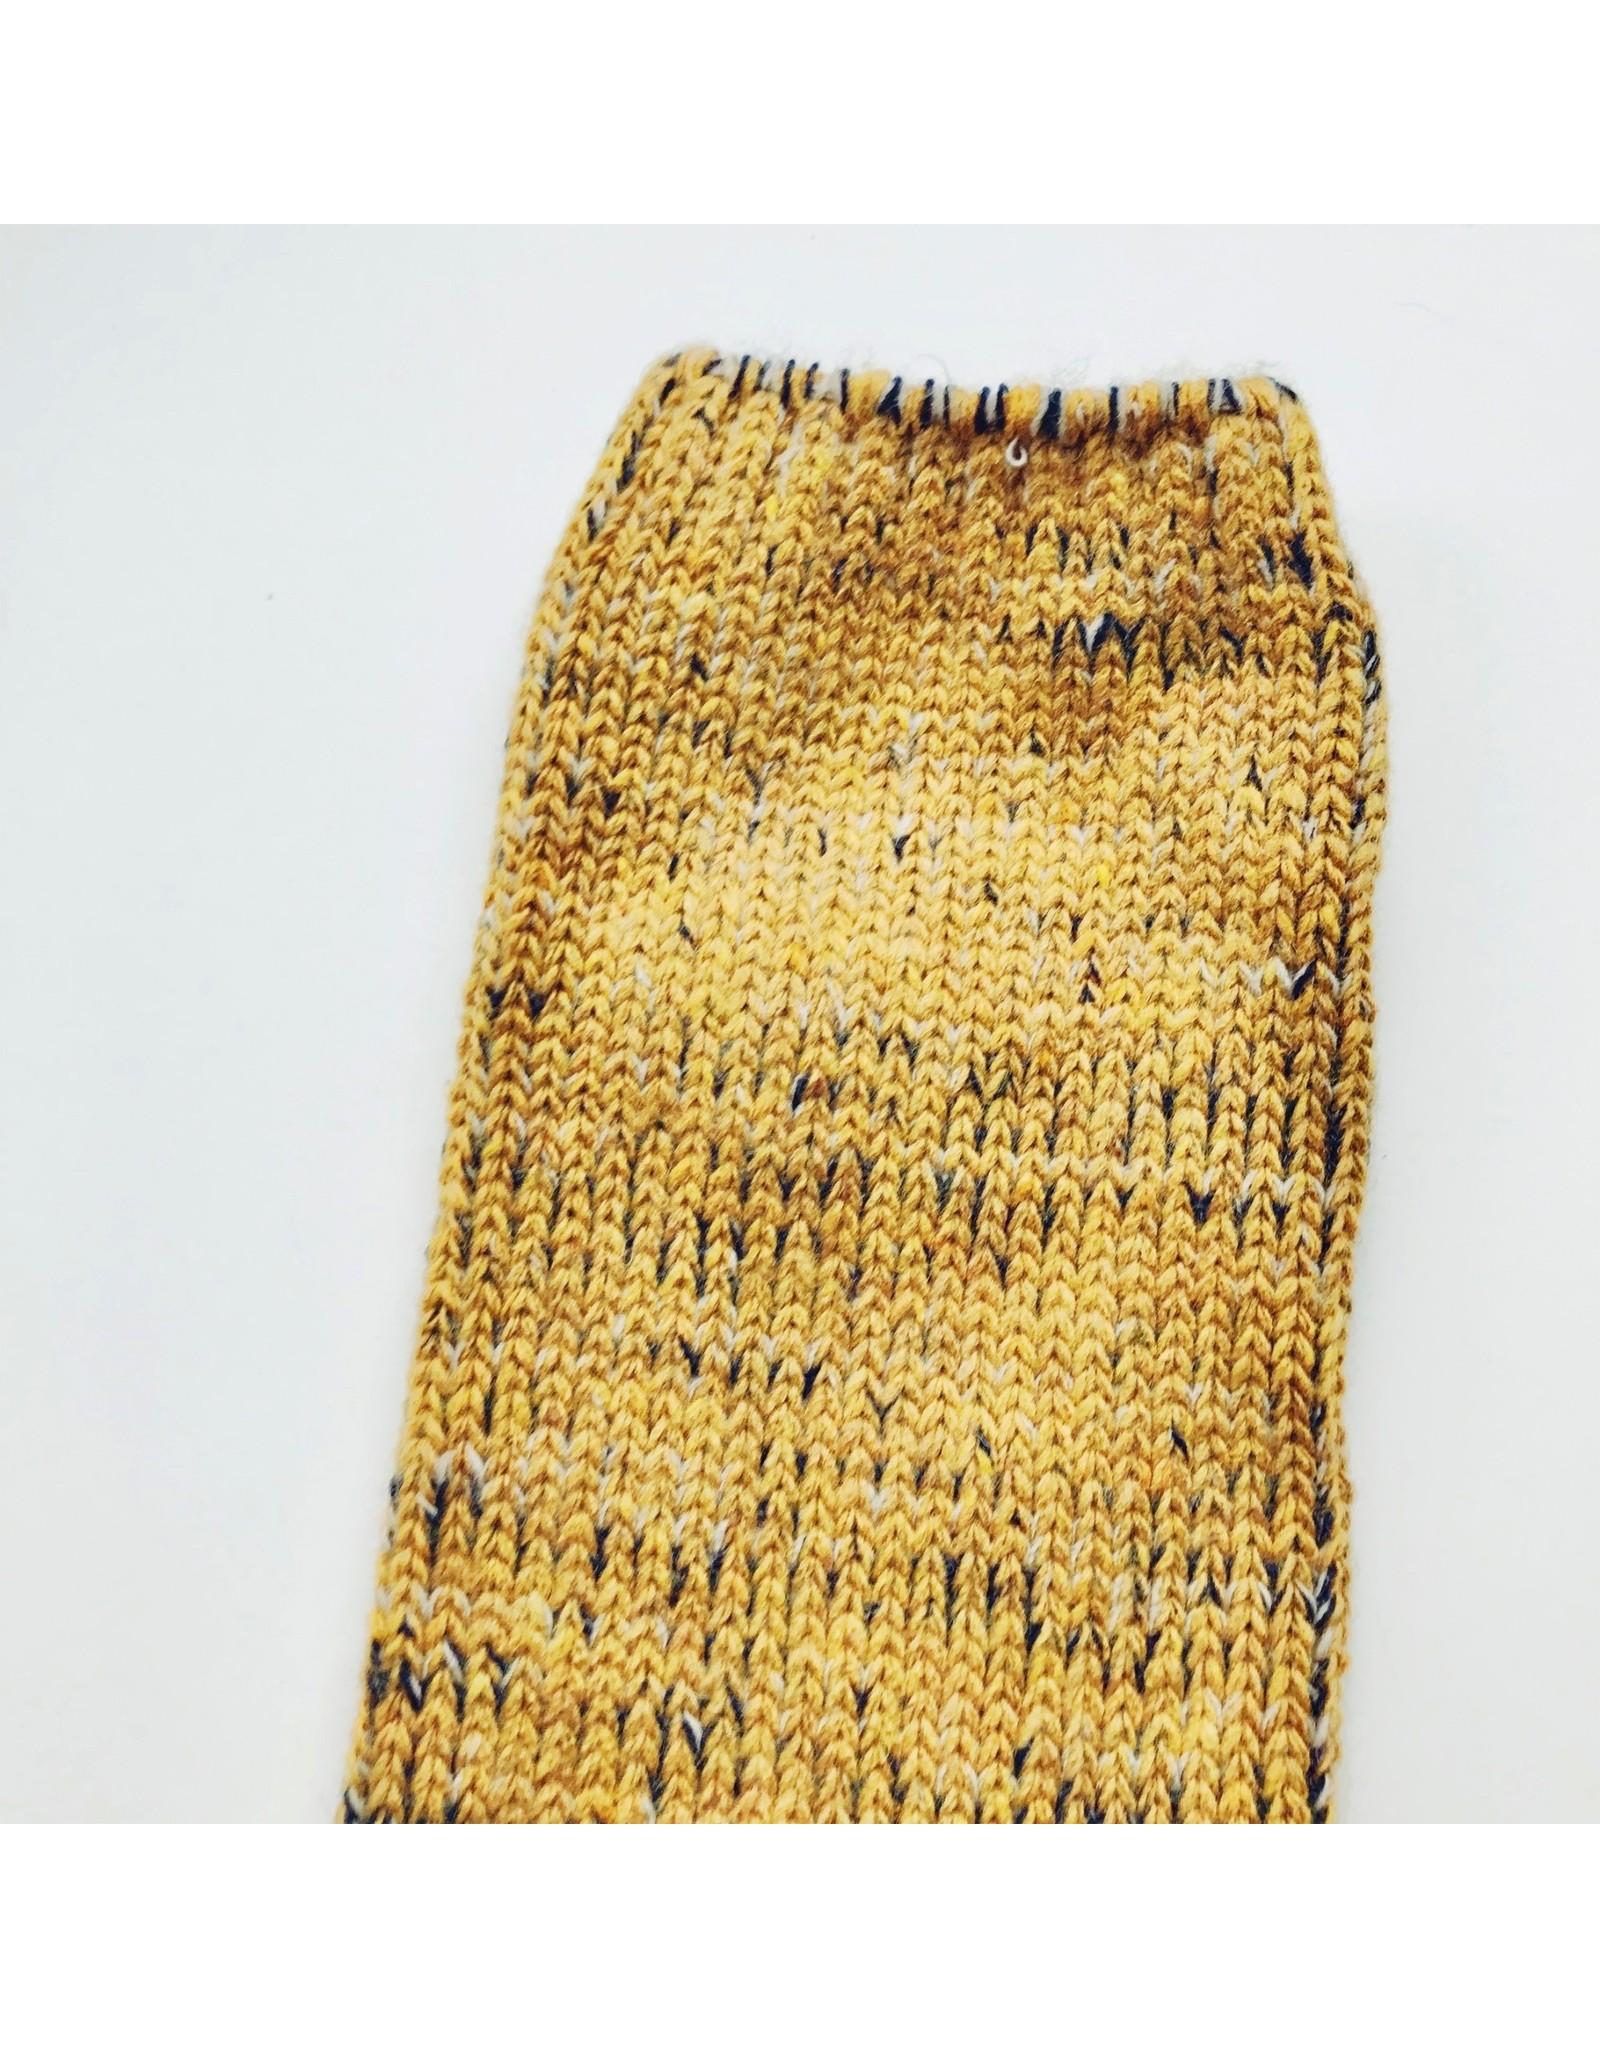 Woollen Socks Mustard  Size 3.5 - 6